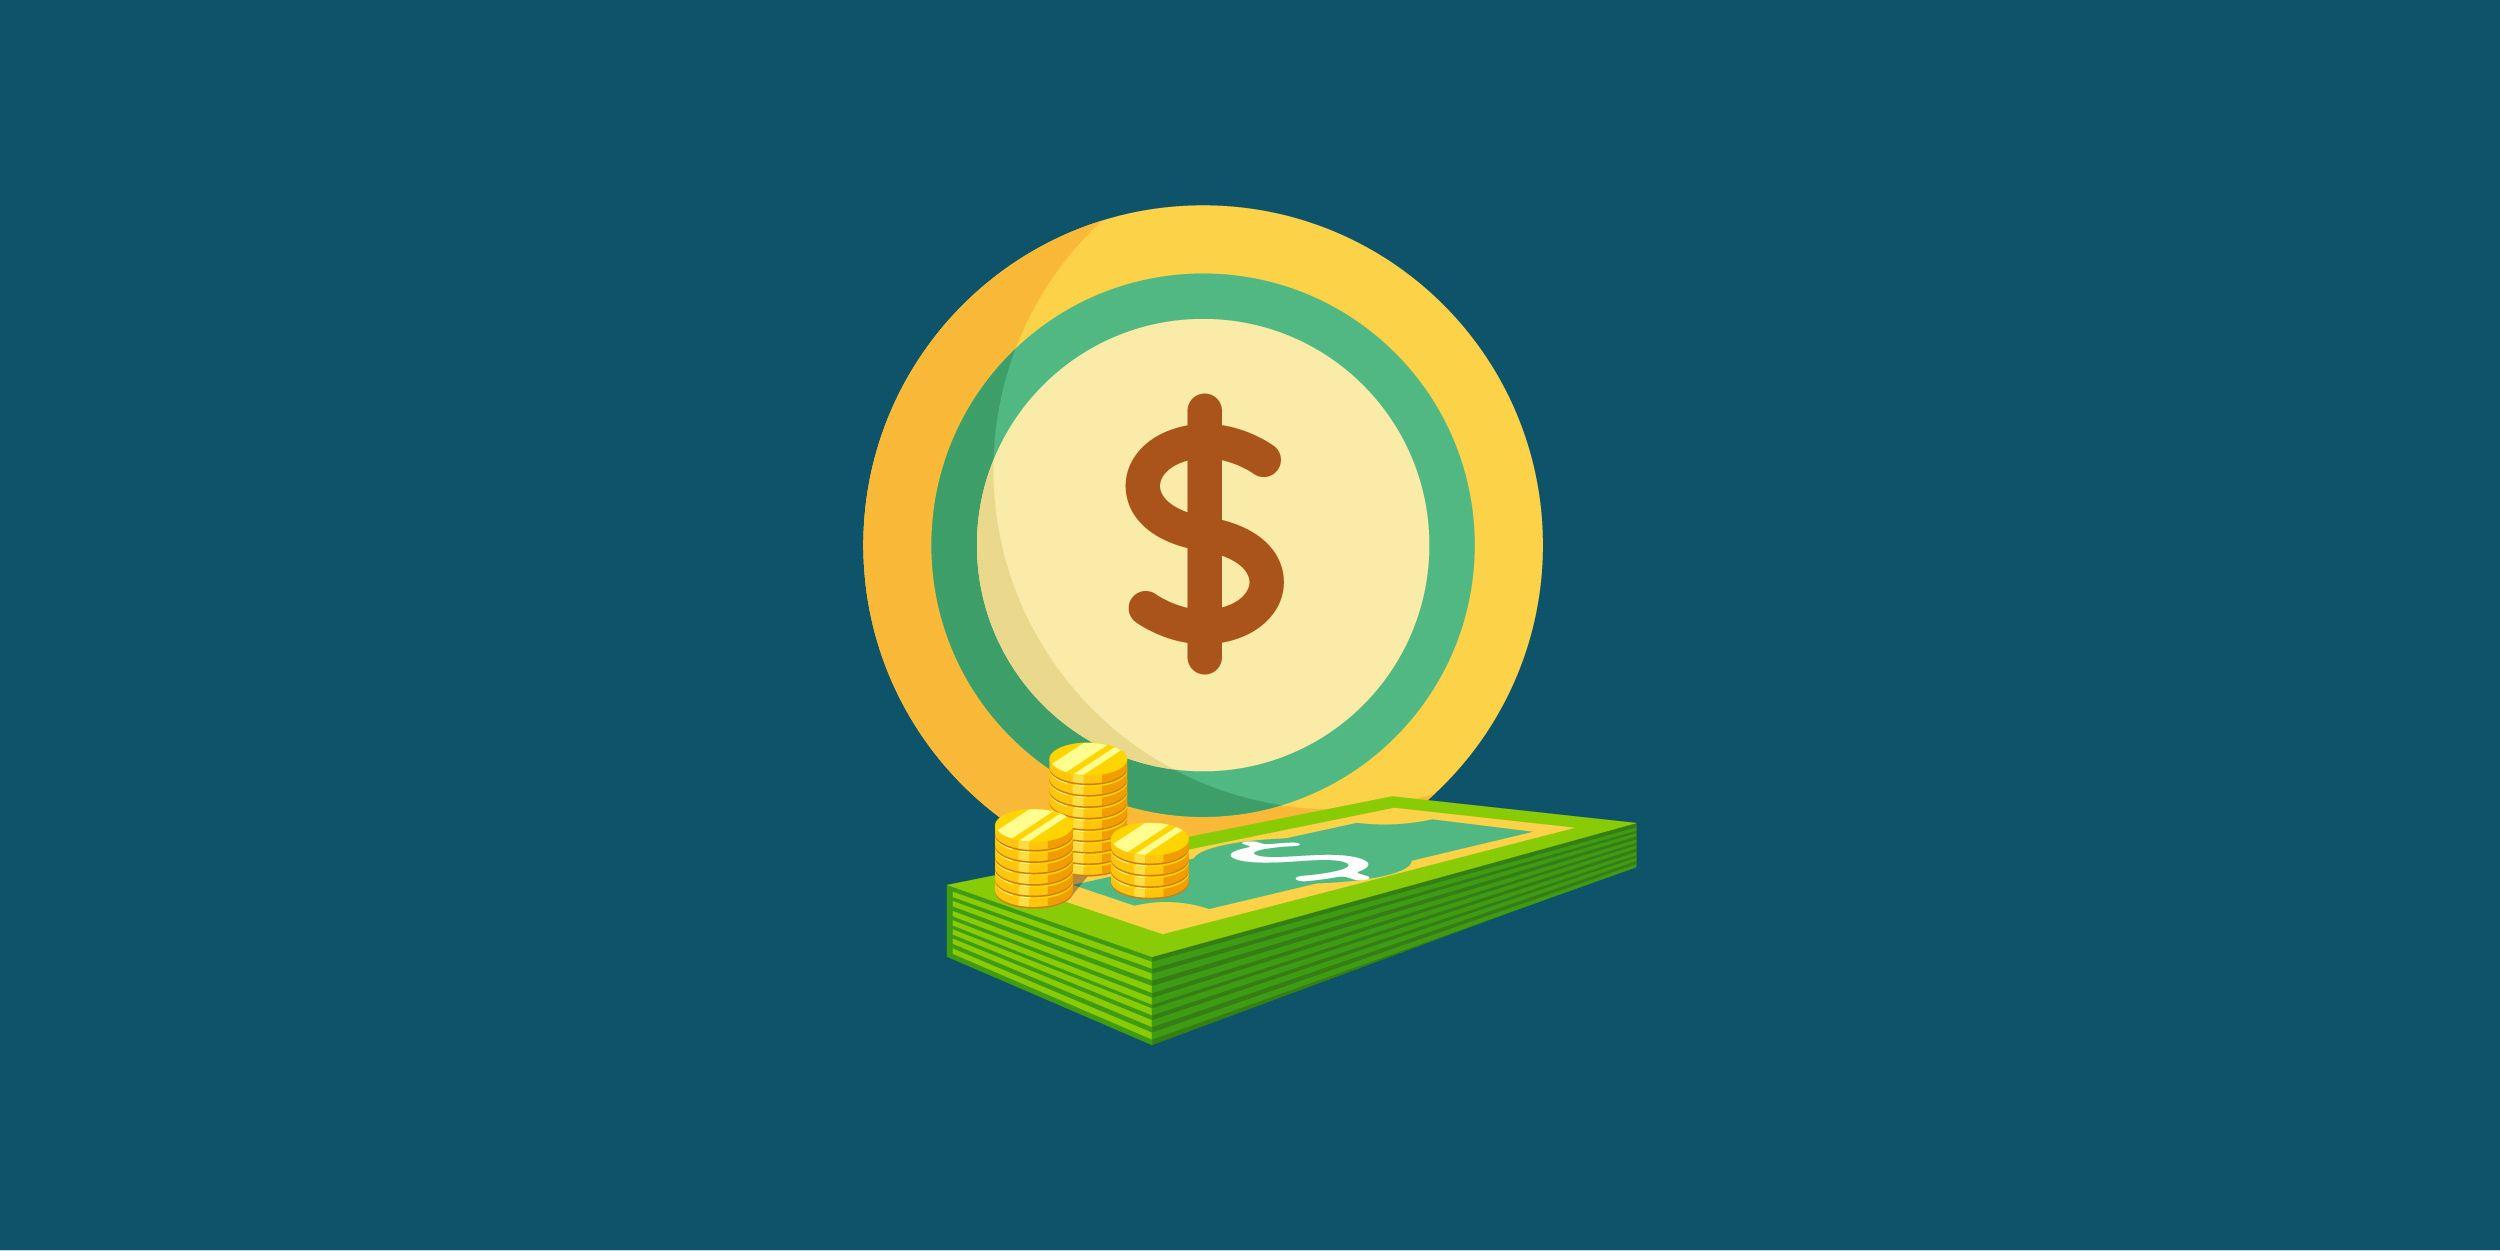 سعر الدولار في البنوك المصرية اليوم 29 يونيو 2021